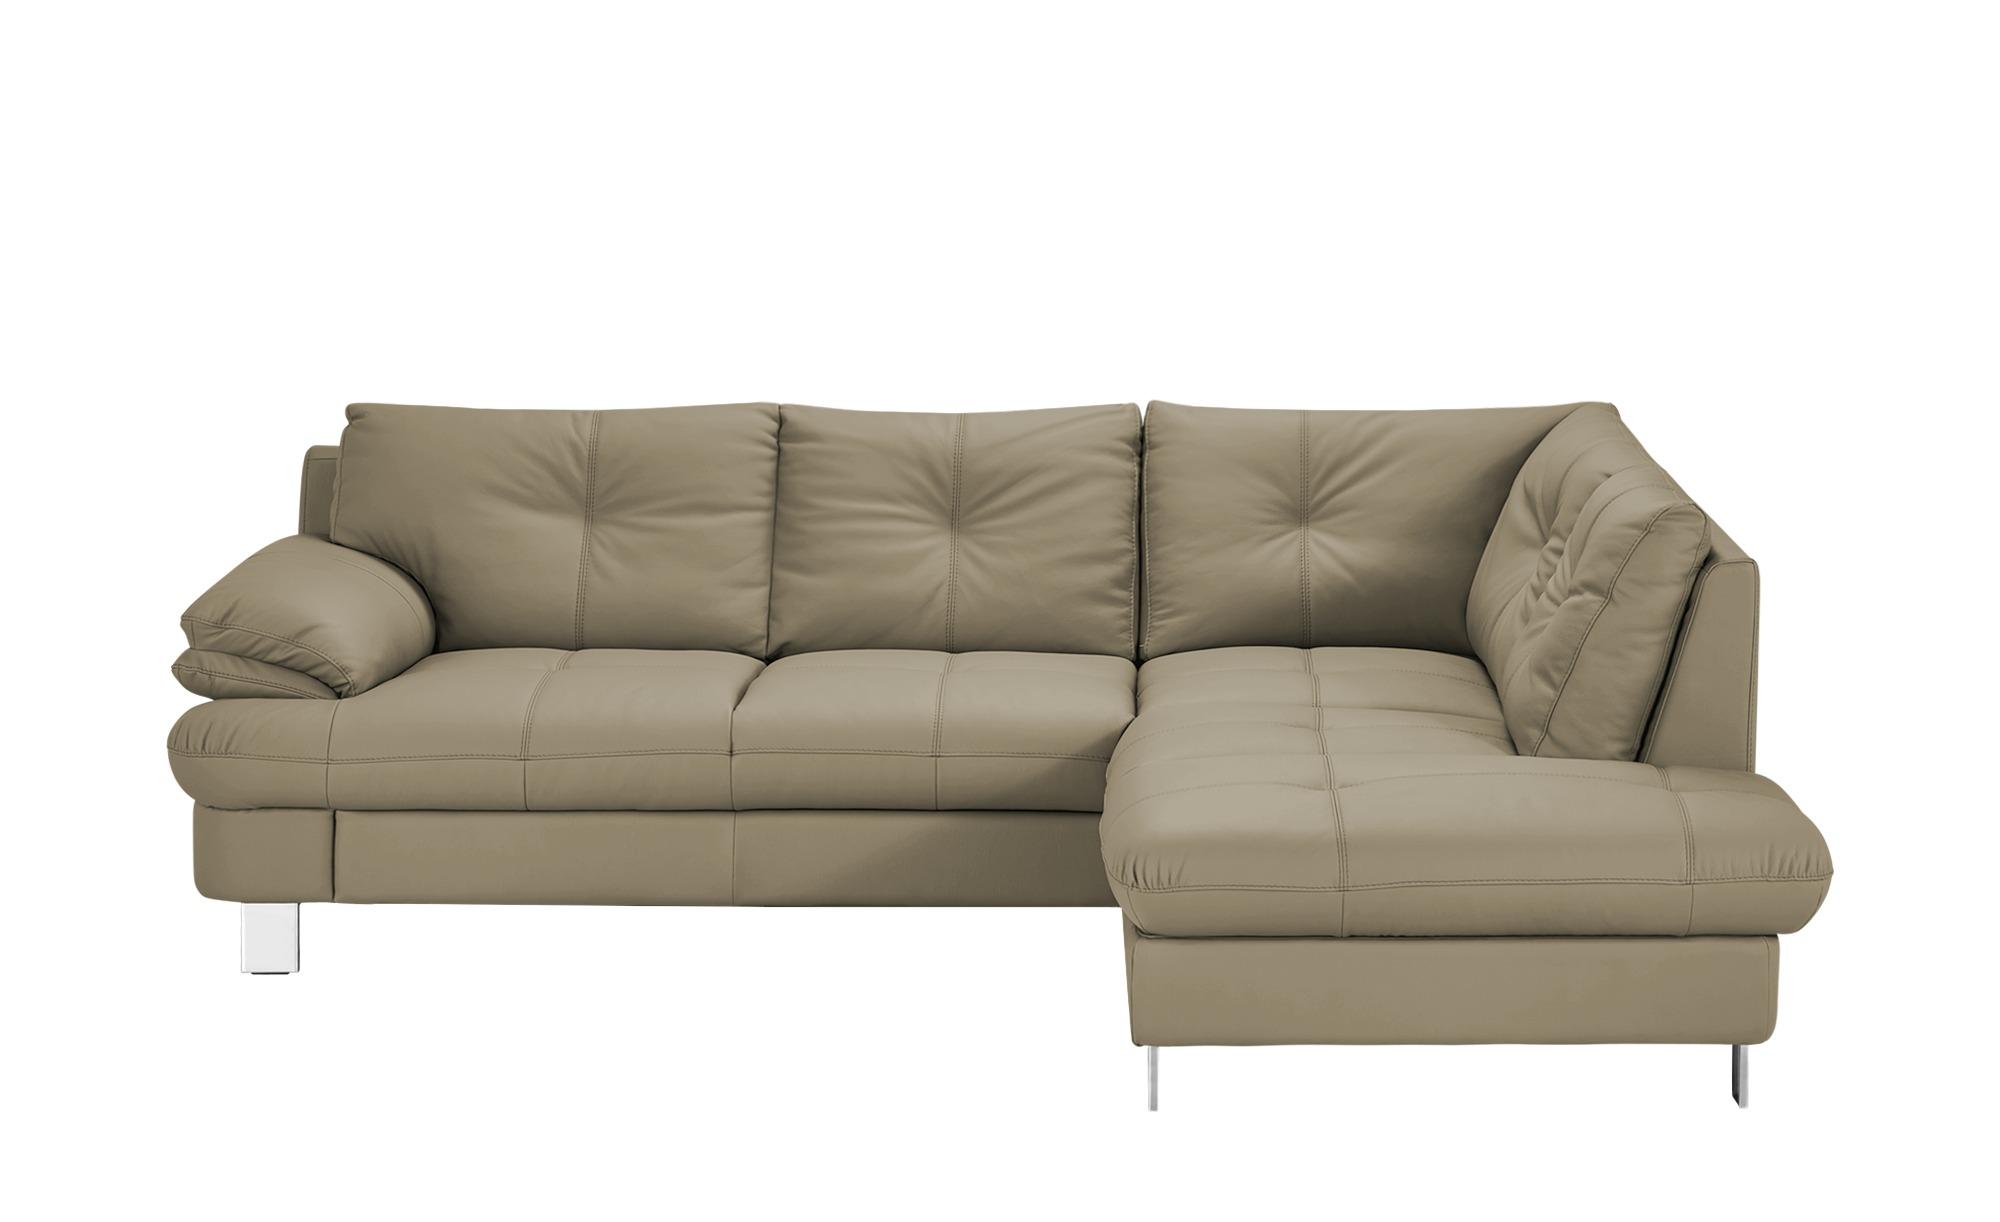 Ecksofa bernice breite h he 82 cm beige online kaufen for Ecksofa breite 200 cm